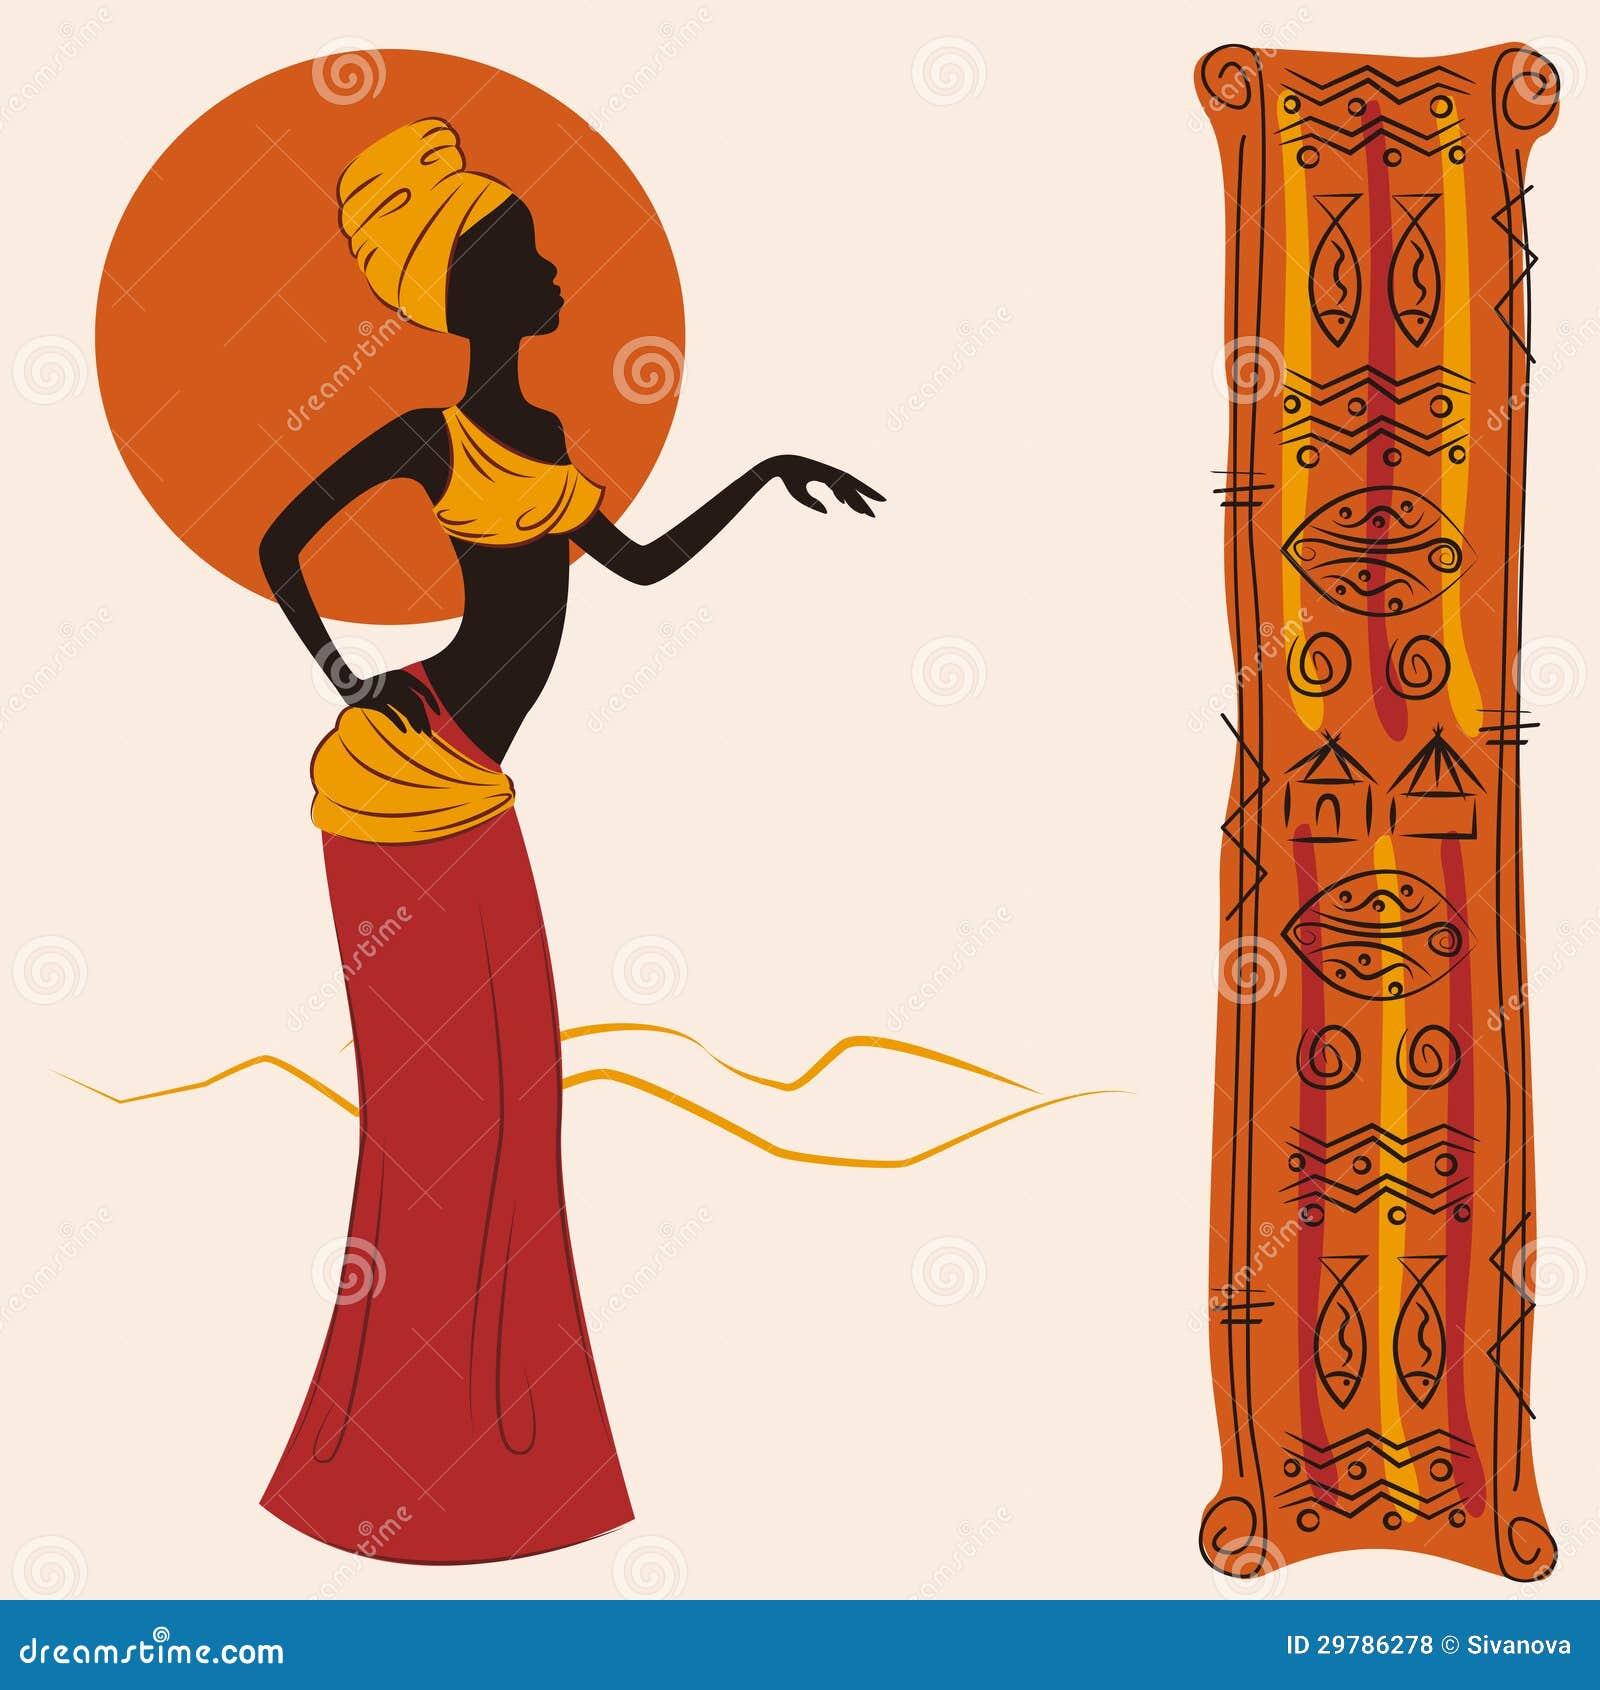 mulher-americana-africana-bonita-e-e-teste-padro-antigo-ilustrao-do-desenho-da-mo-29786278.jpg